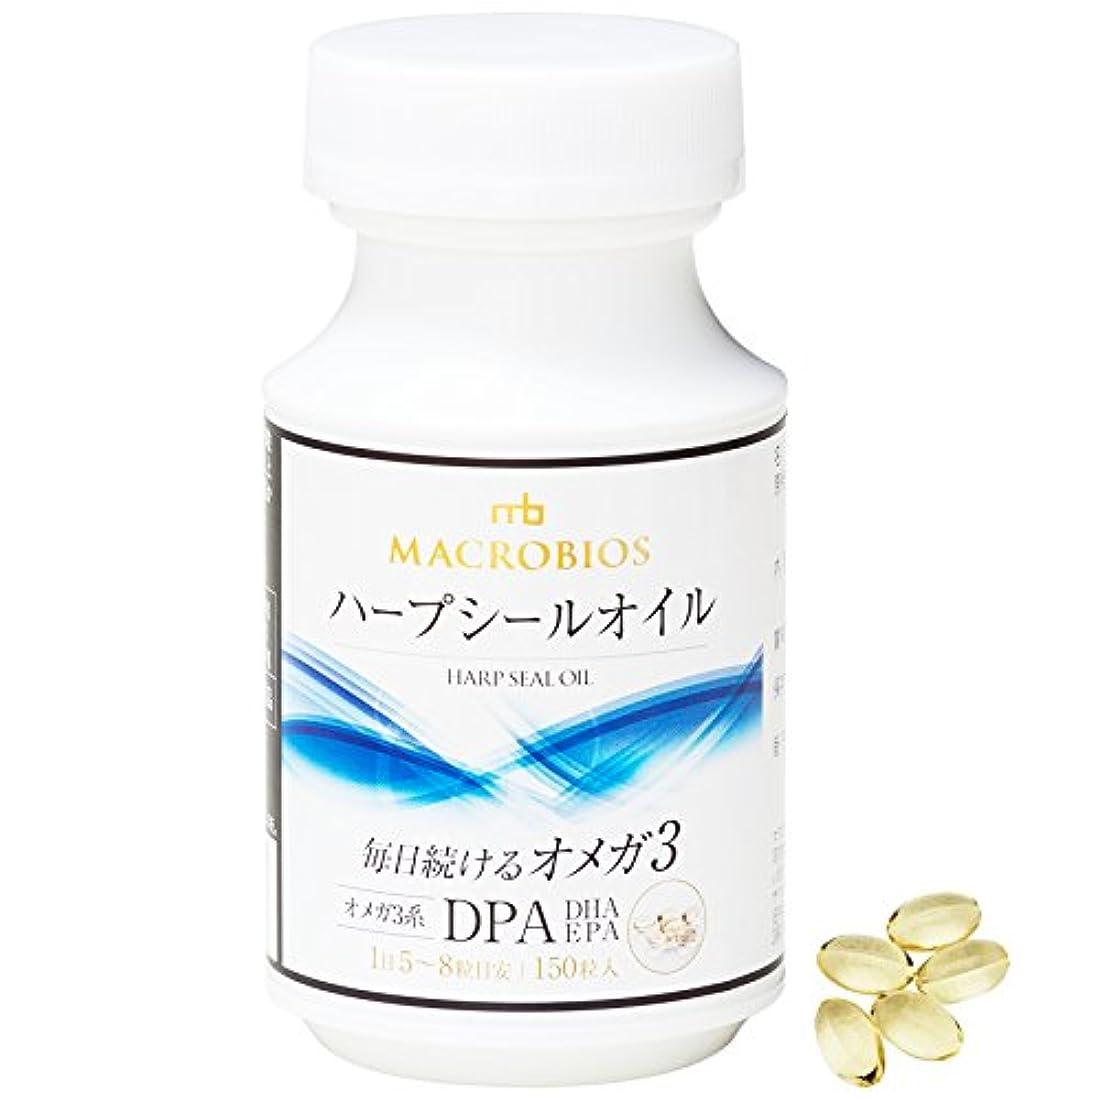 撤退検索エンジンマーケティング展開するハープシールオイル 150粒 (アザラシ油) DPA DHA EPA オメガ3 サプリメント (1個)